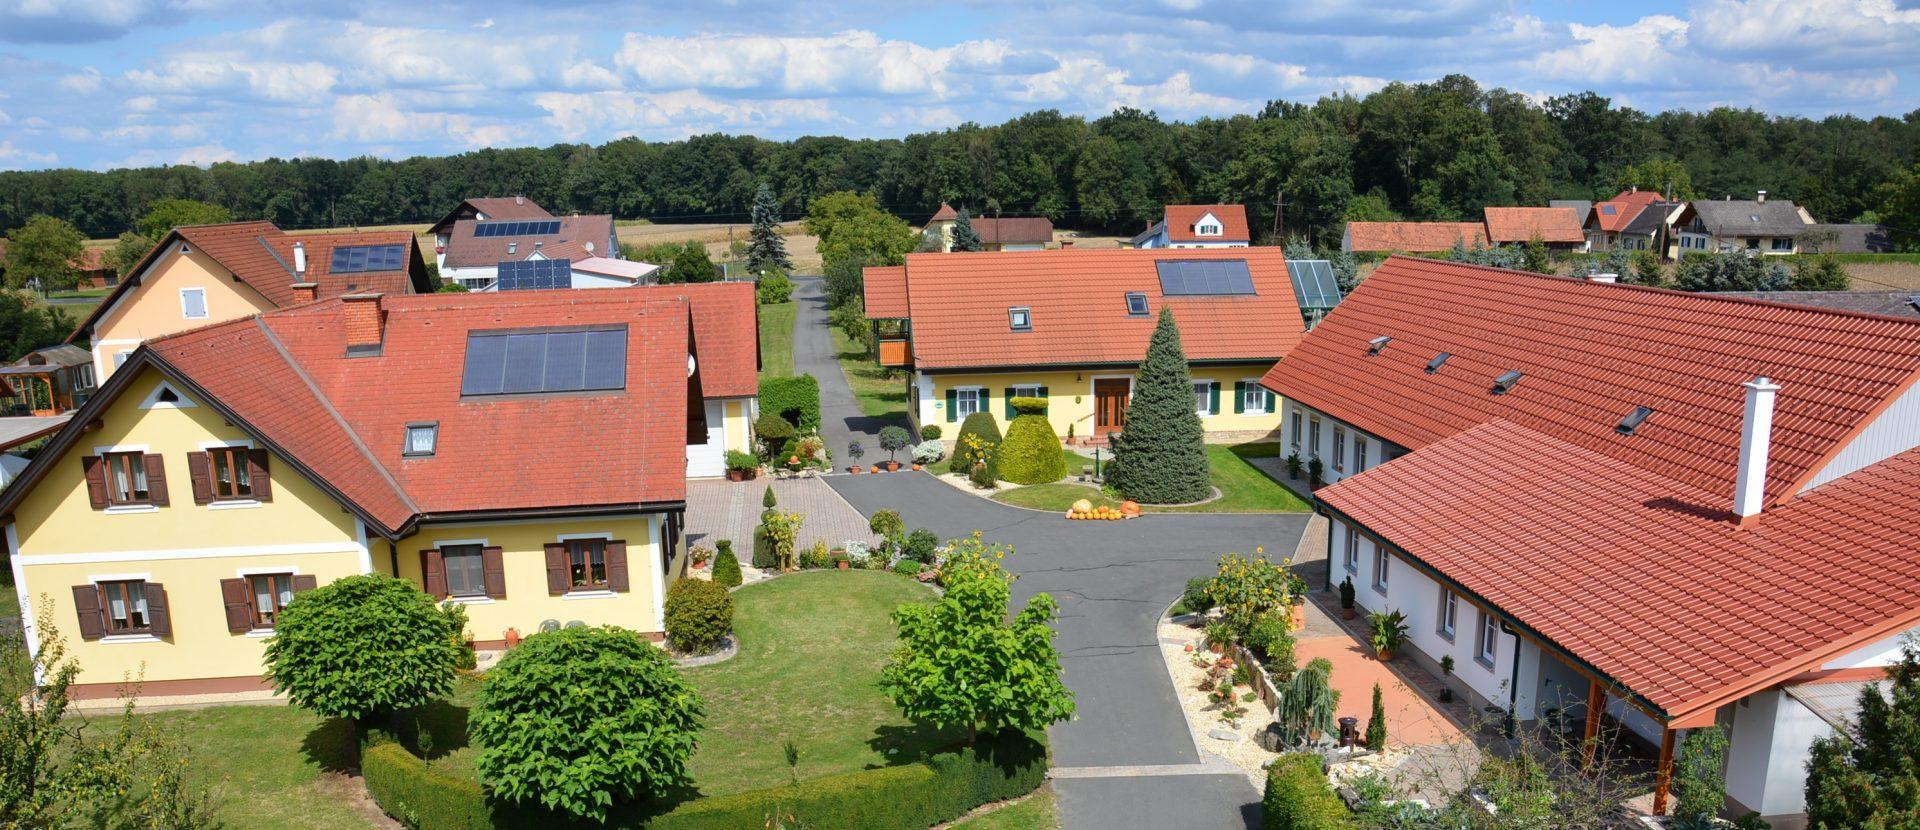 Ferienhof Majczan Bad Radkersburg Ferienwohnungen